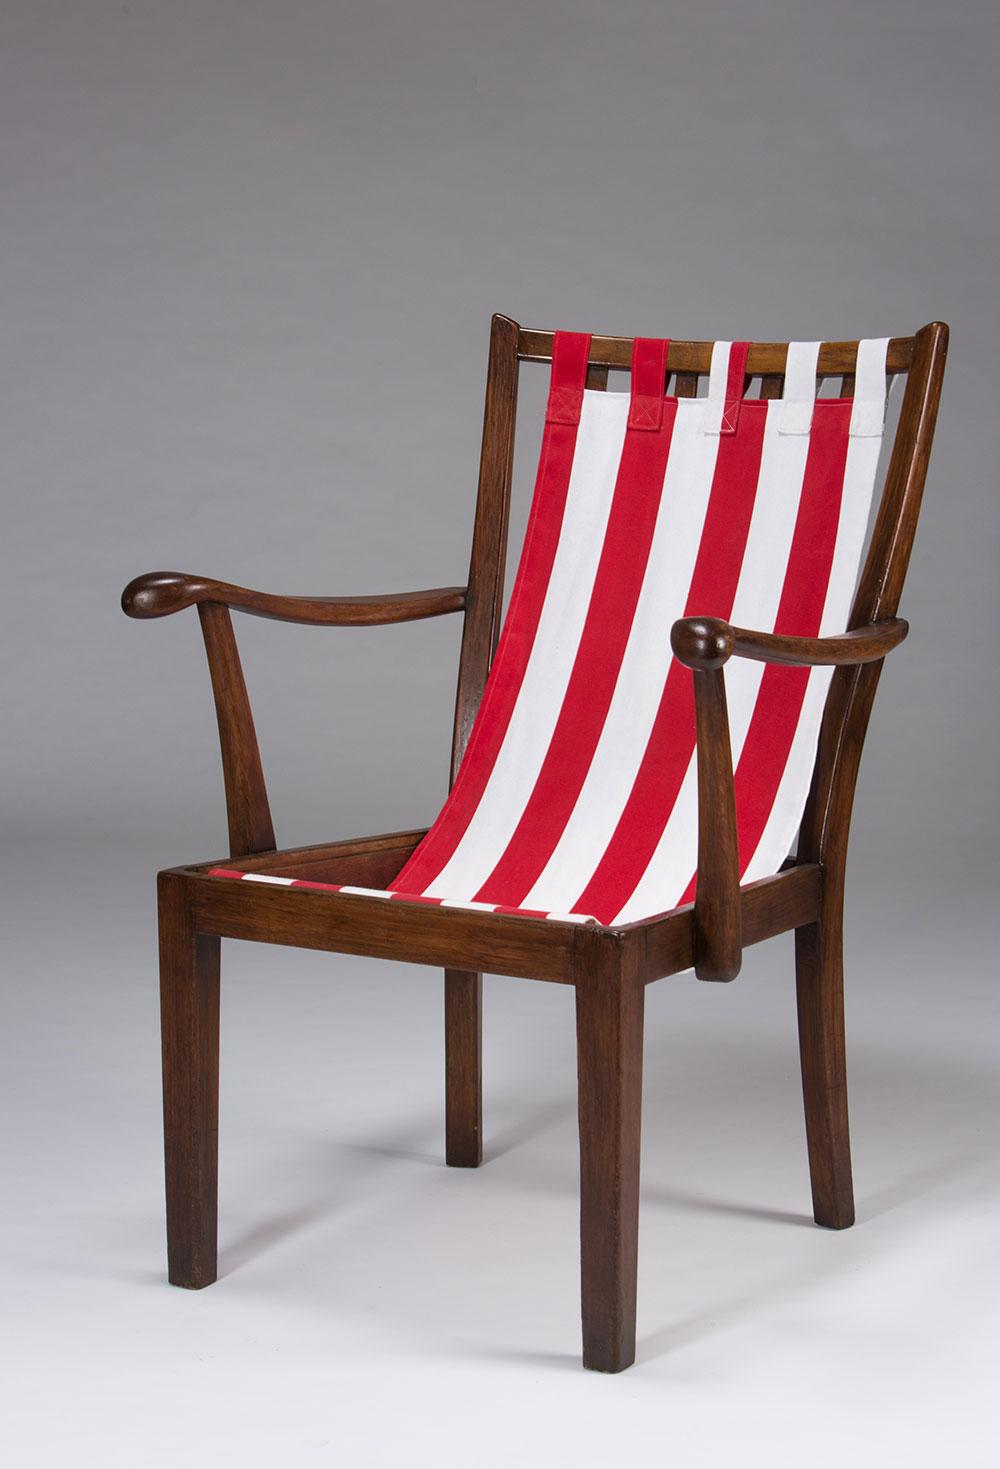 כיסא סבתא בבגד ים. כיסא עץ פולני עם ריפוד פסים טיפוסי לאקססוריז לחוף הים